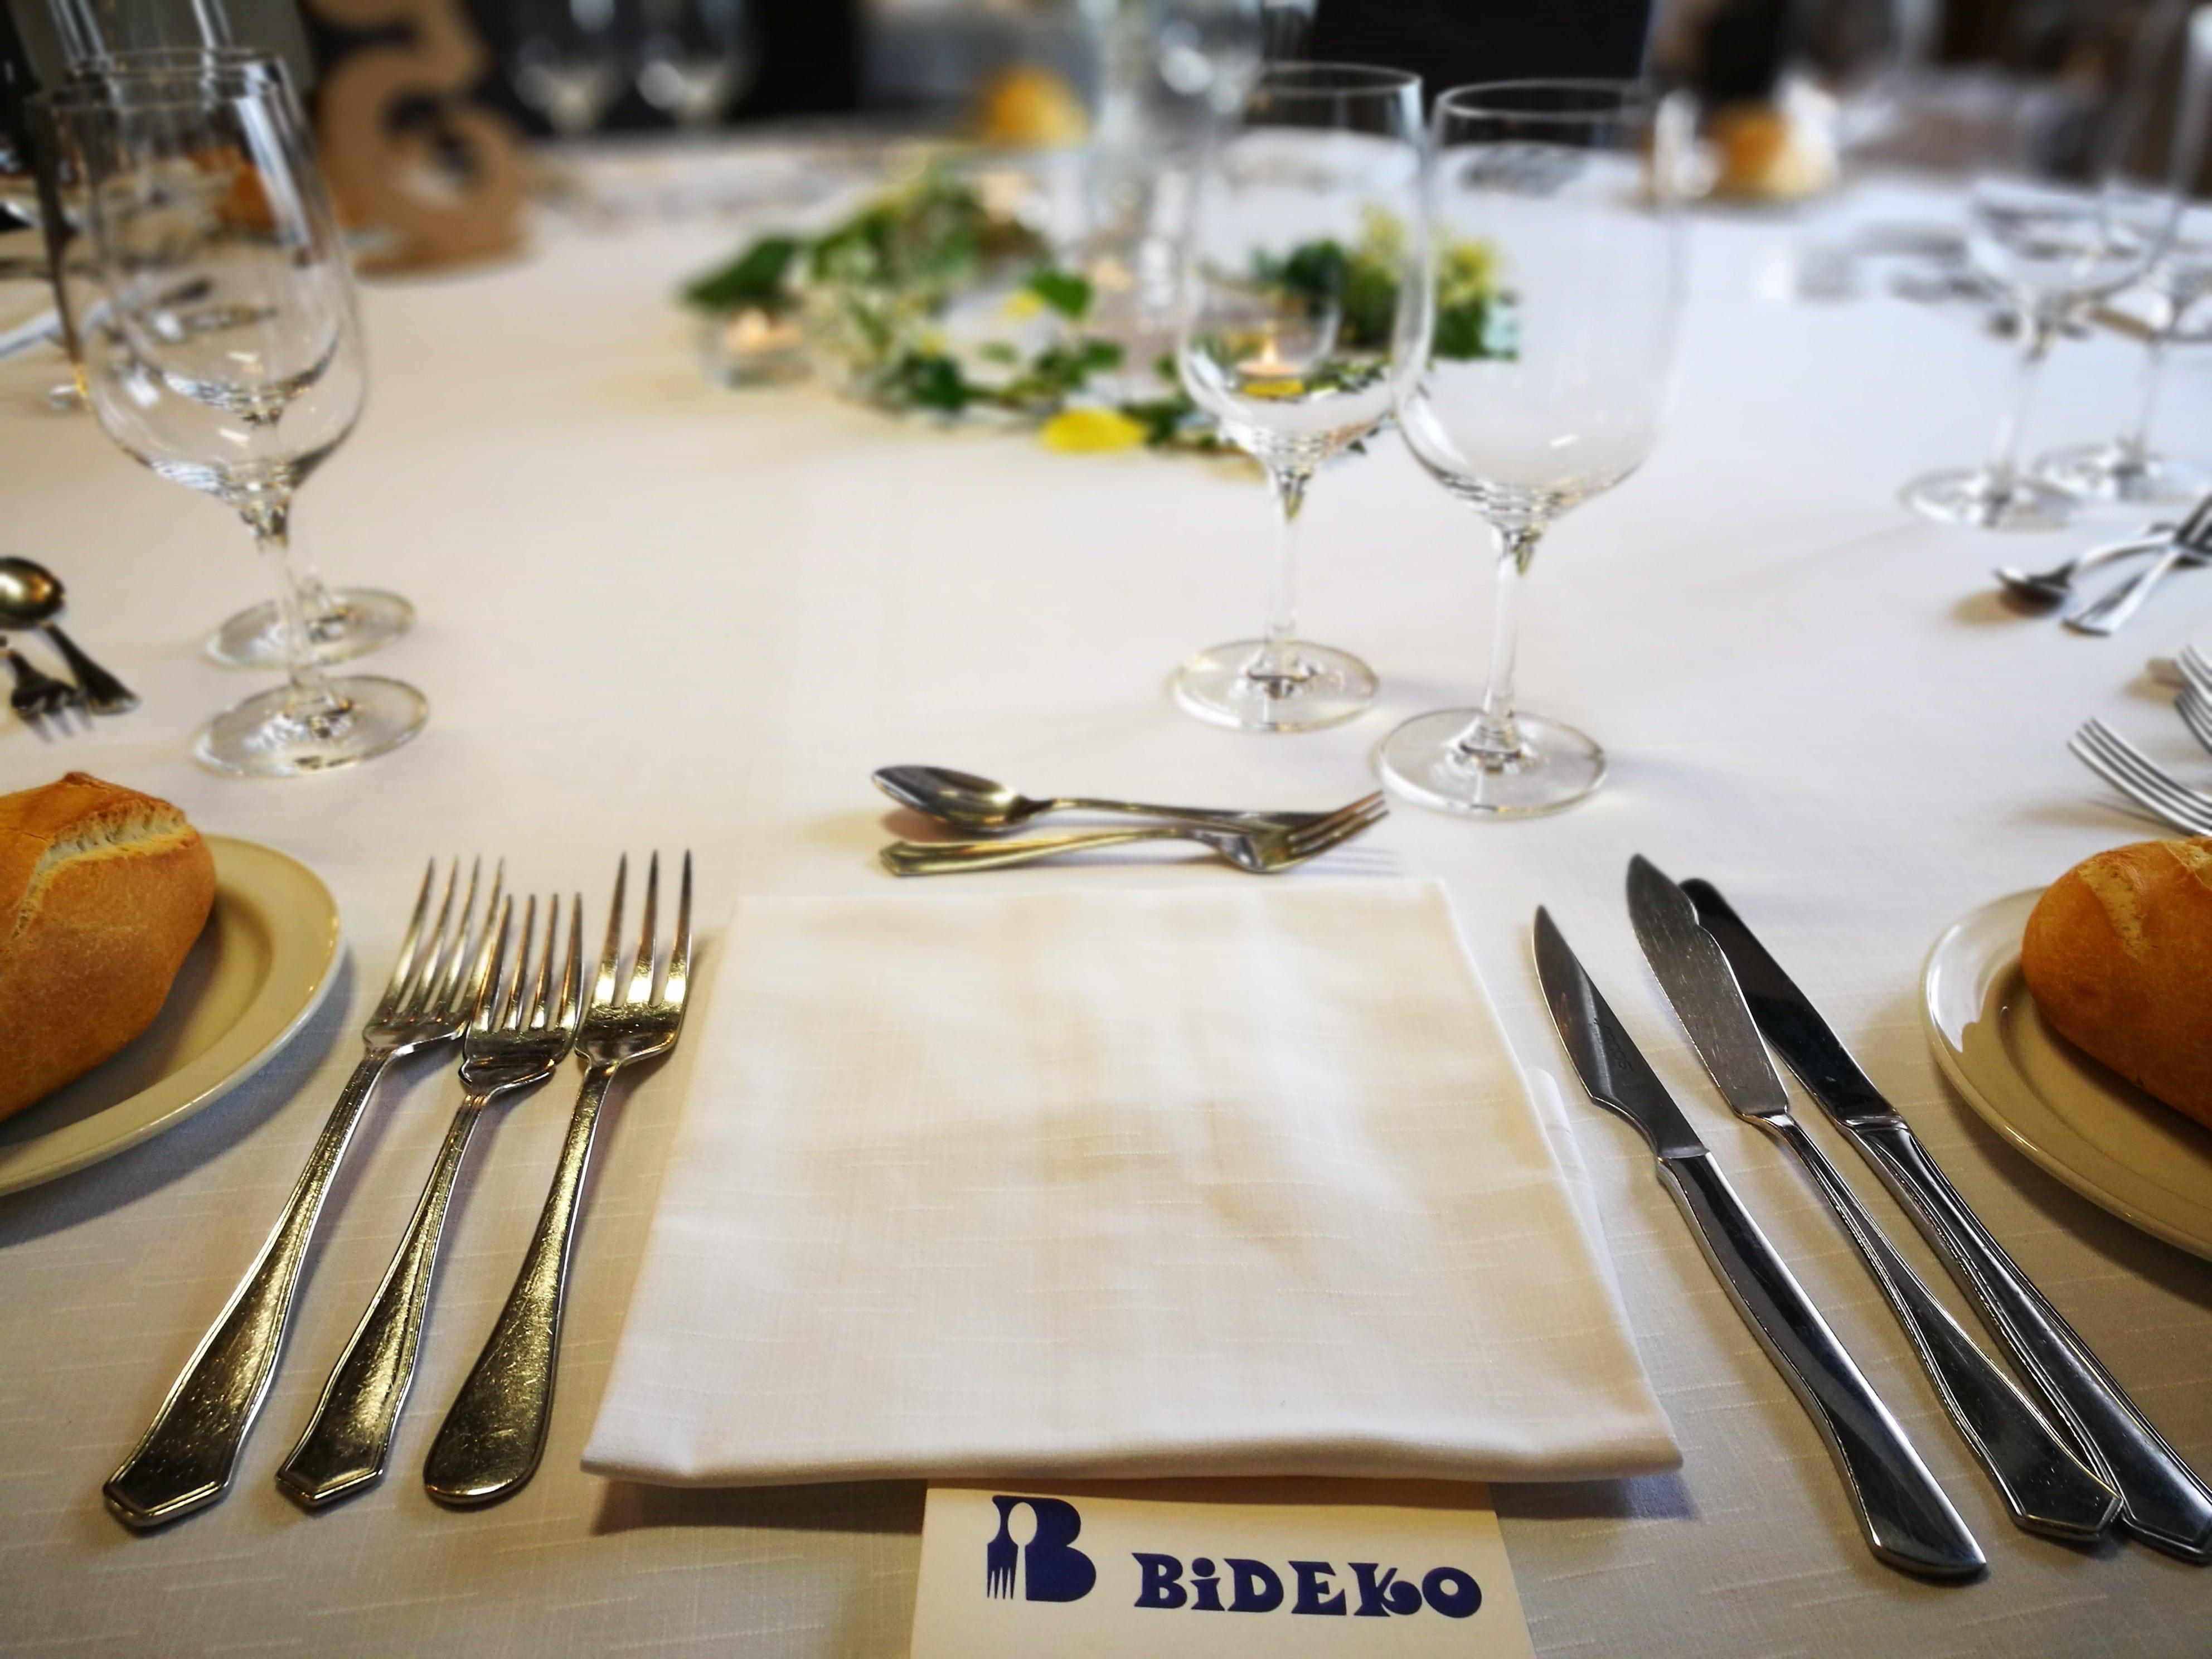 restaurante_bideko-historia-cocina_tradicional_vasca-restaurantes_vizcaya-restaurantes_alava-comer_en_euskadi-bideko-amurrio-lezama (14)